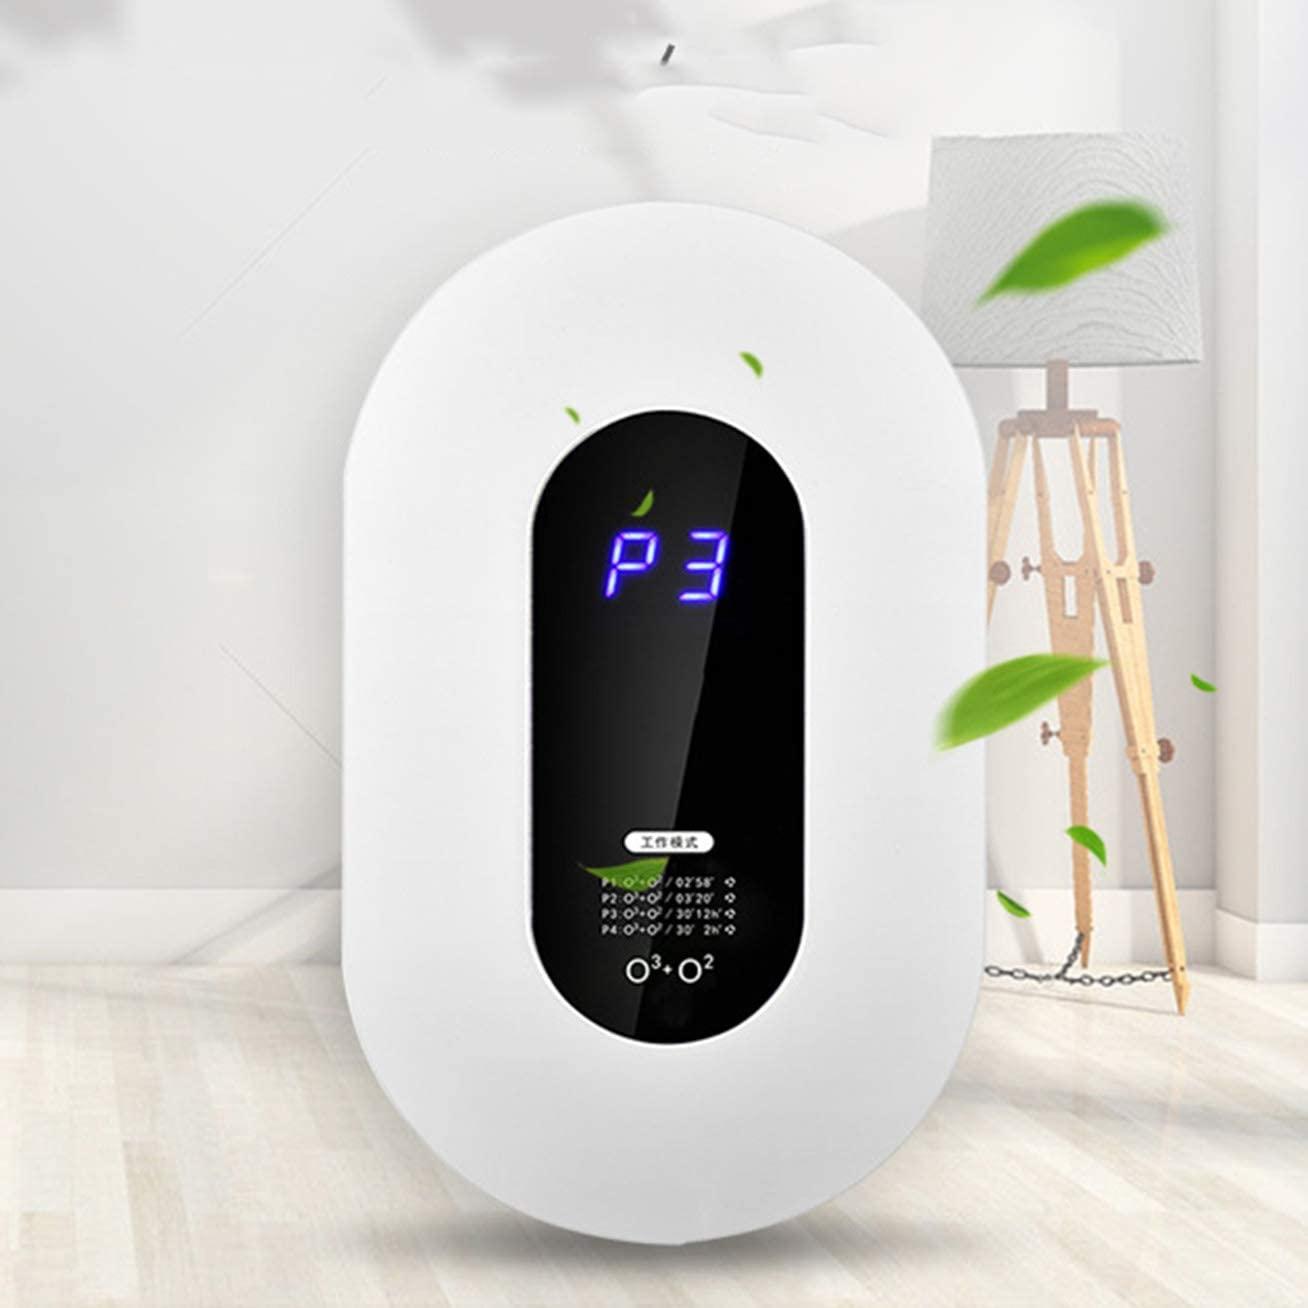 WNZL Mini purificador de Aire, Alivia alergias Elimina el Humo Niebla con Humo de Olor Polen Polvo gérmenes Molde para Dormitorio Principal Dormitorio Cocina Sala de Mascotas